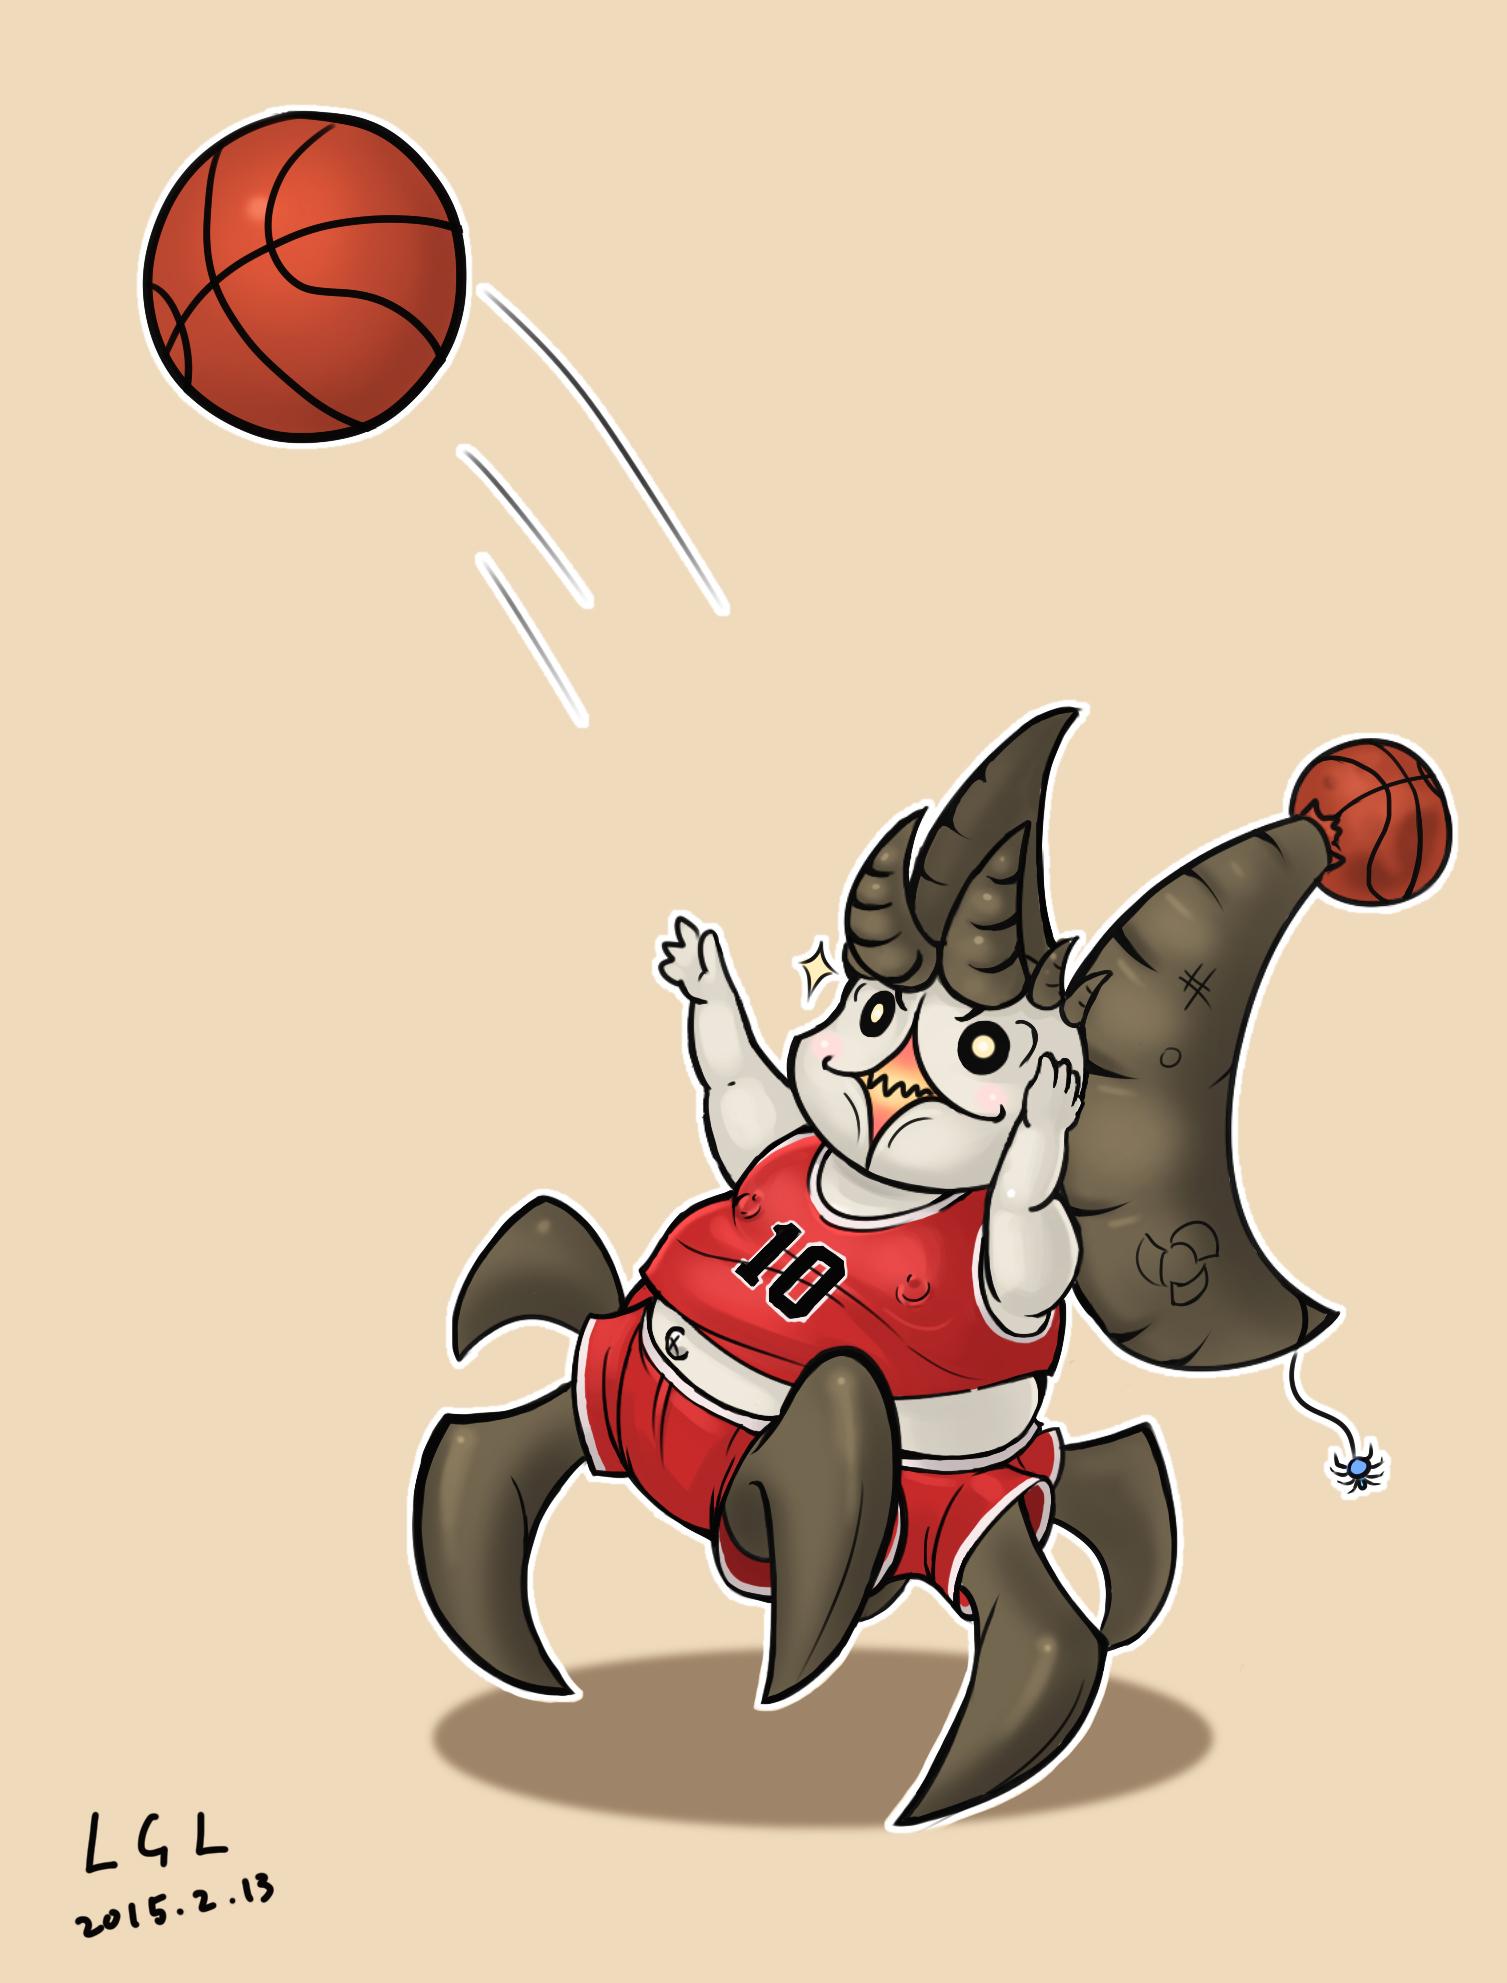 我想打篮球,相比三分球,每天早上穿裤子才是他最大的挑战.jpg